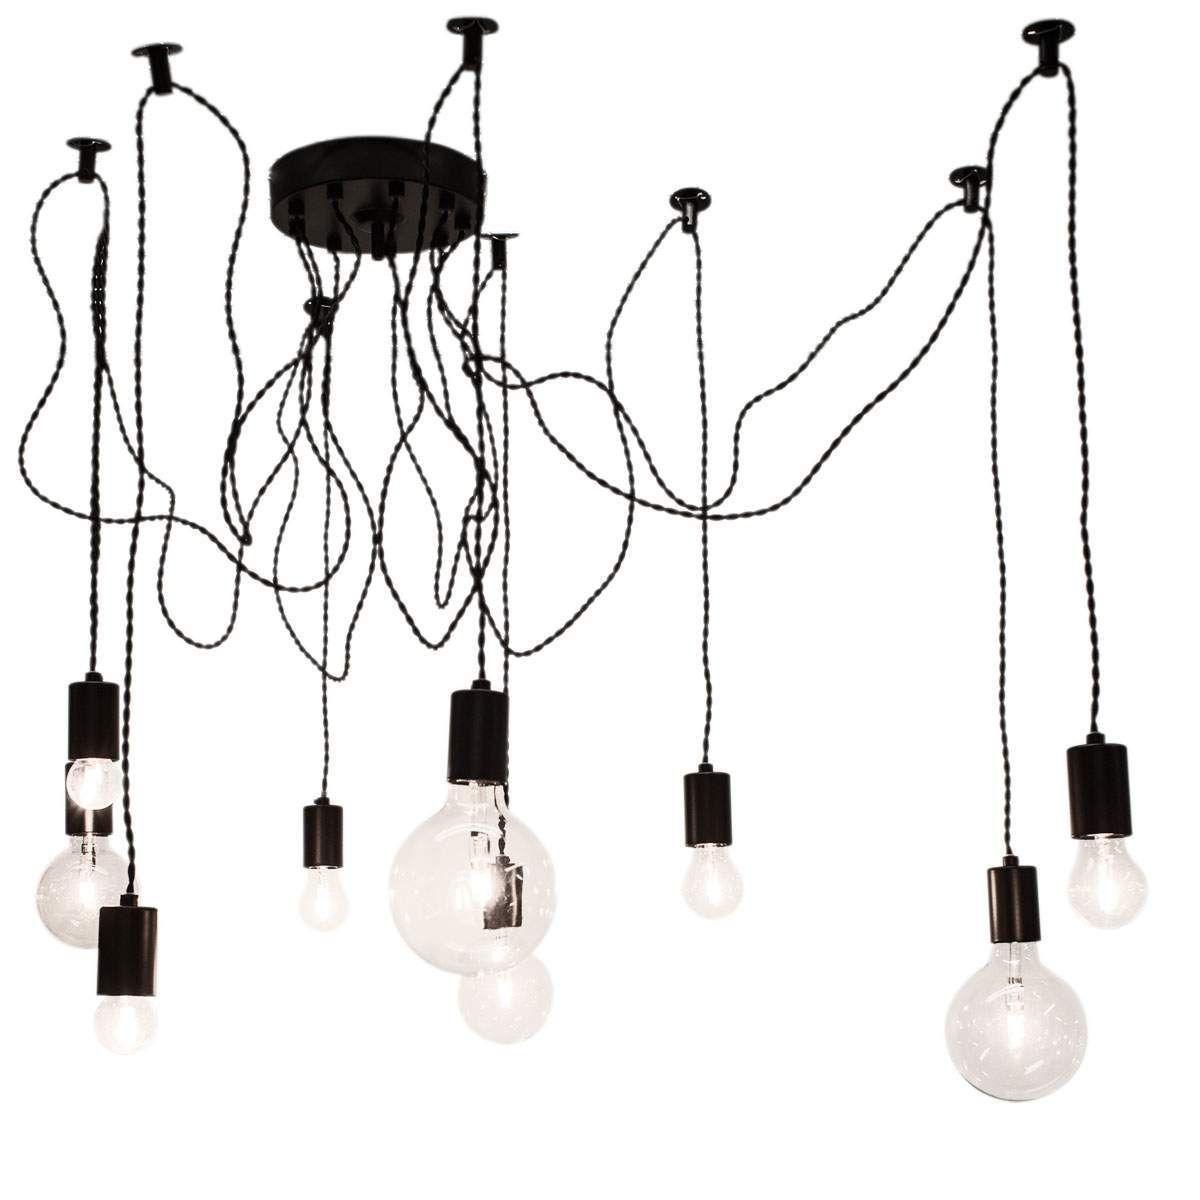 Led Pendelleuchte Rund Höhenverstellbar Pendelleuchten Glas Weiss Pendelleuchten Wohnzimmerlamp Adjustable Pendant Light Creative Lamps Simple Pendant Lamp